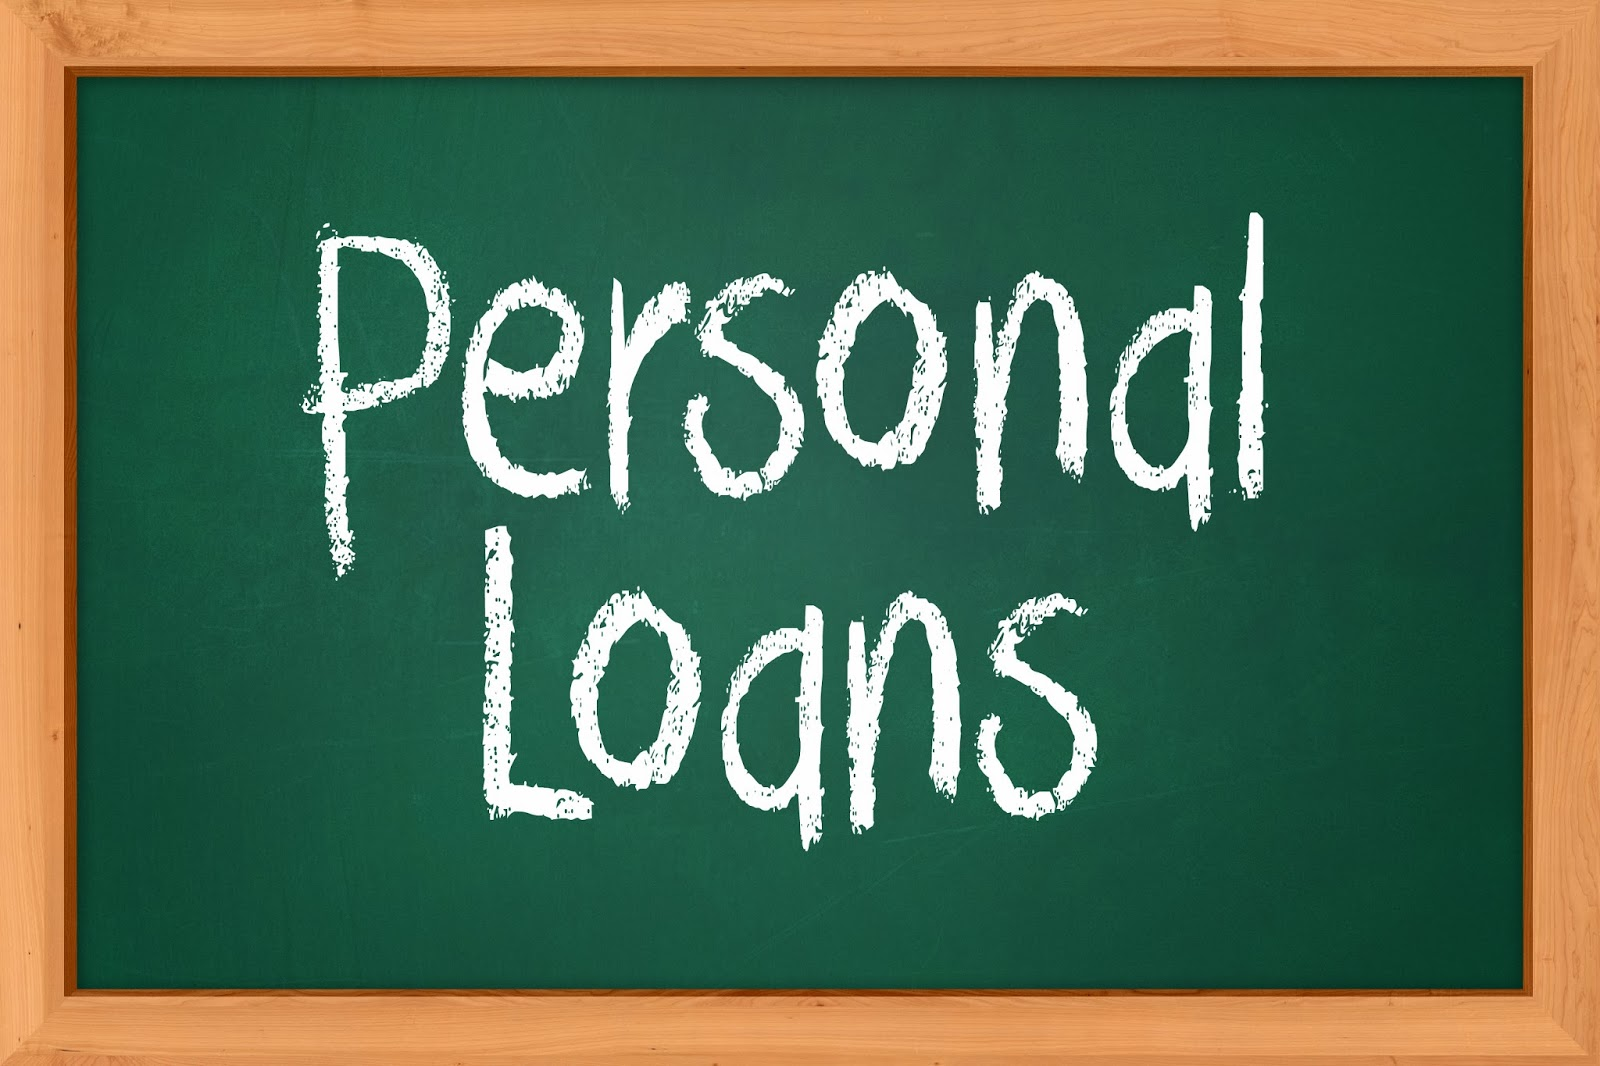 personal credit rating